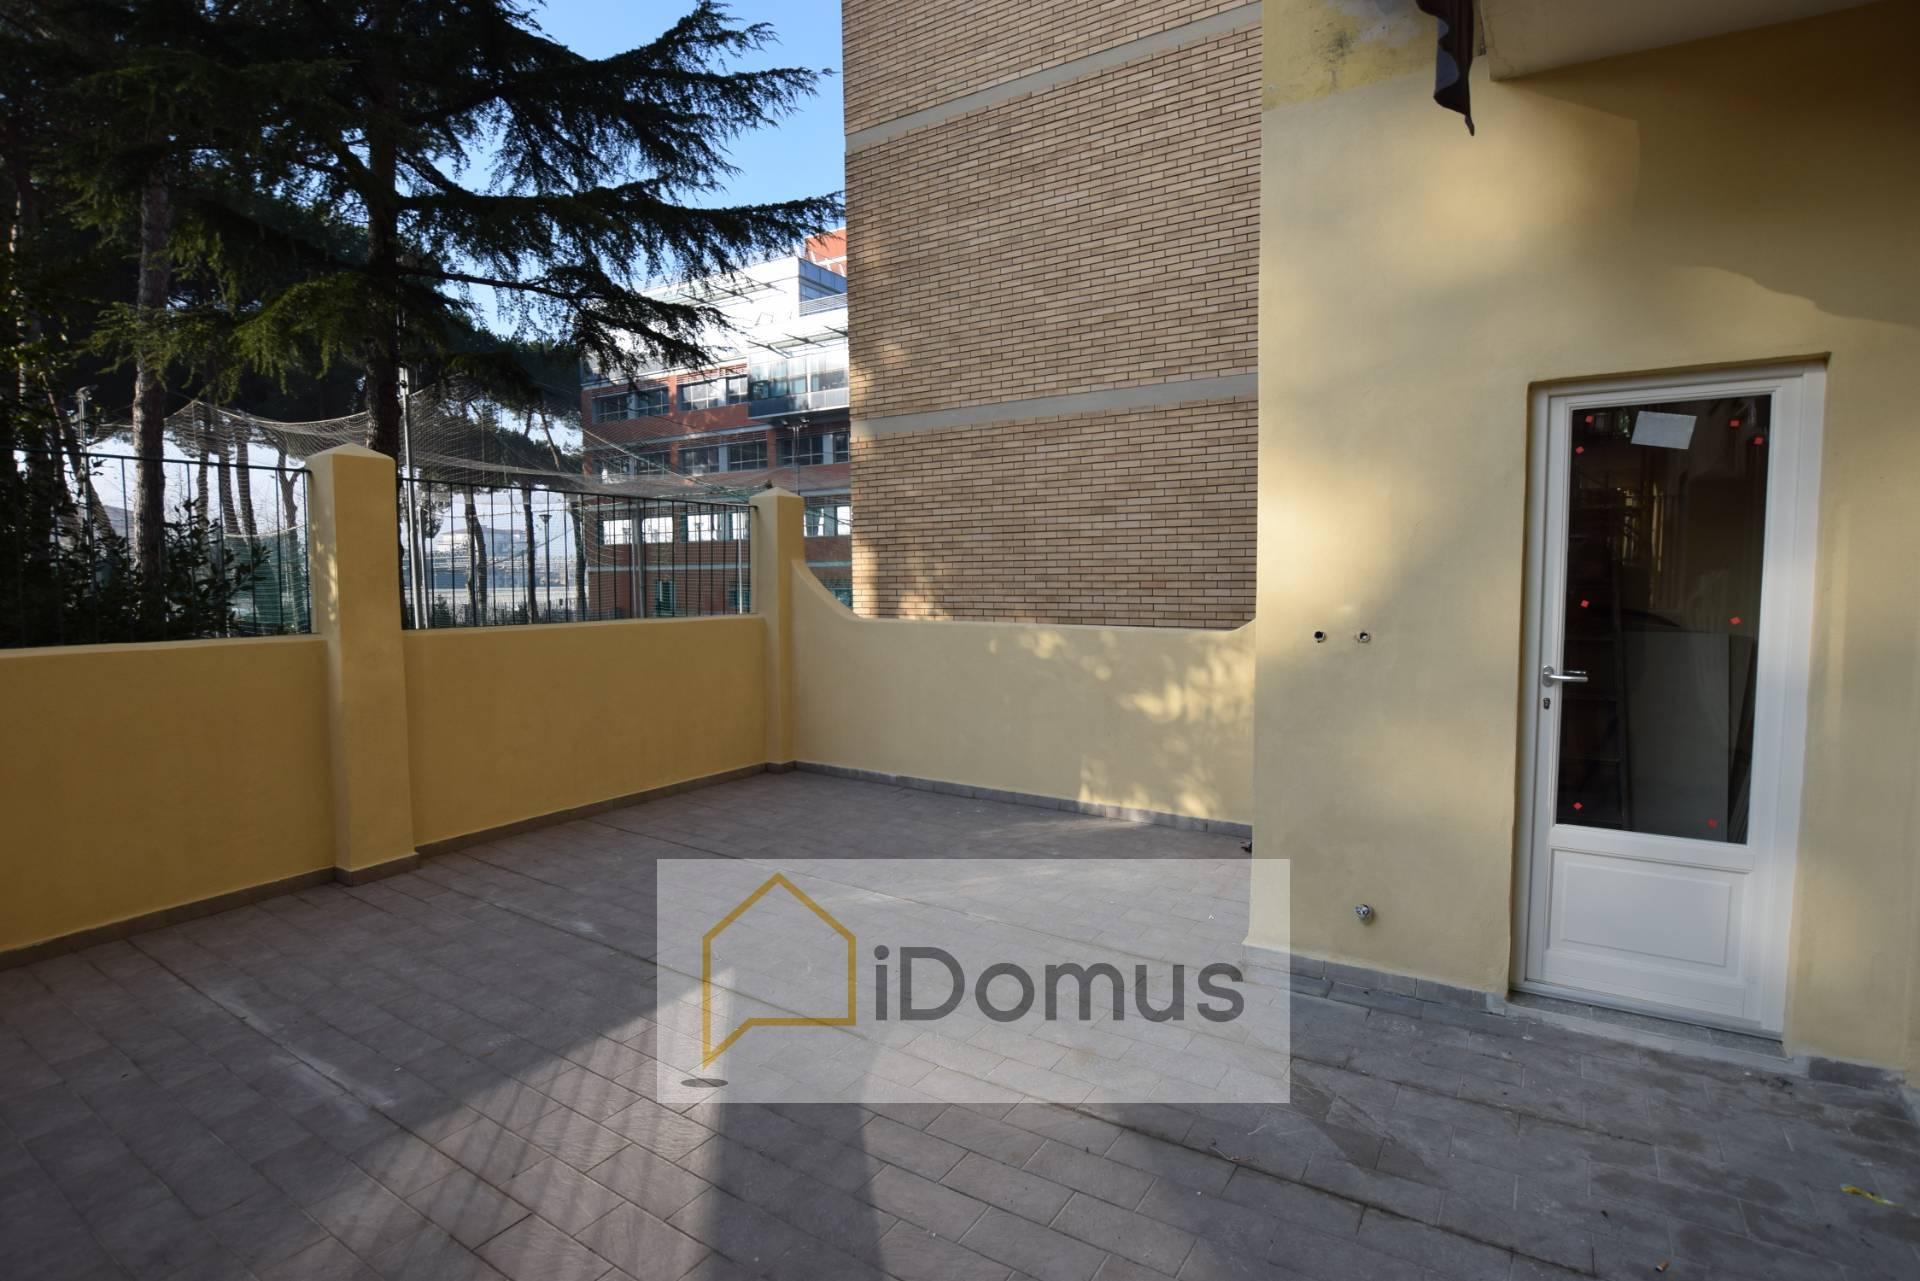 Appartamento in vendita a Pisa, 3 locali, zona Località: Zonastazione, prezzo € 195.000 | CambioCasa.it